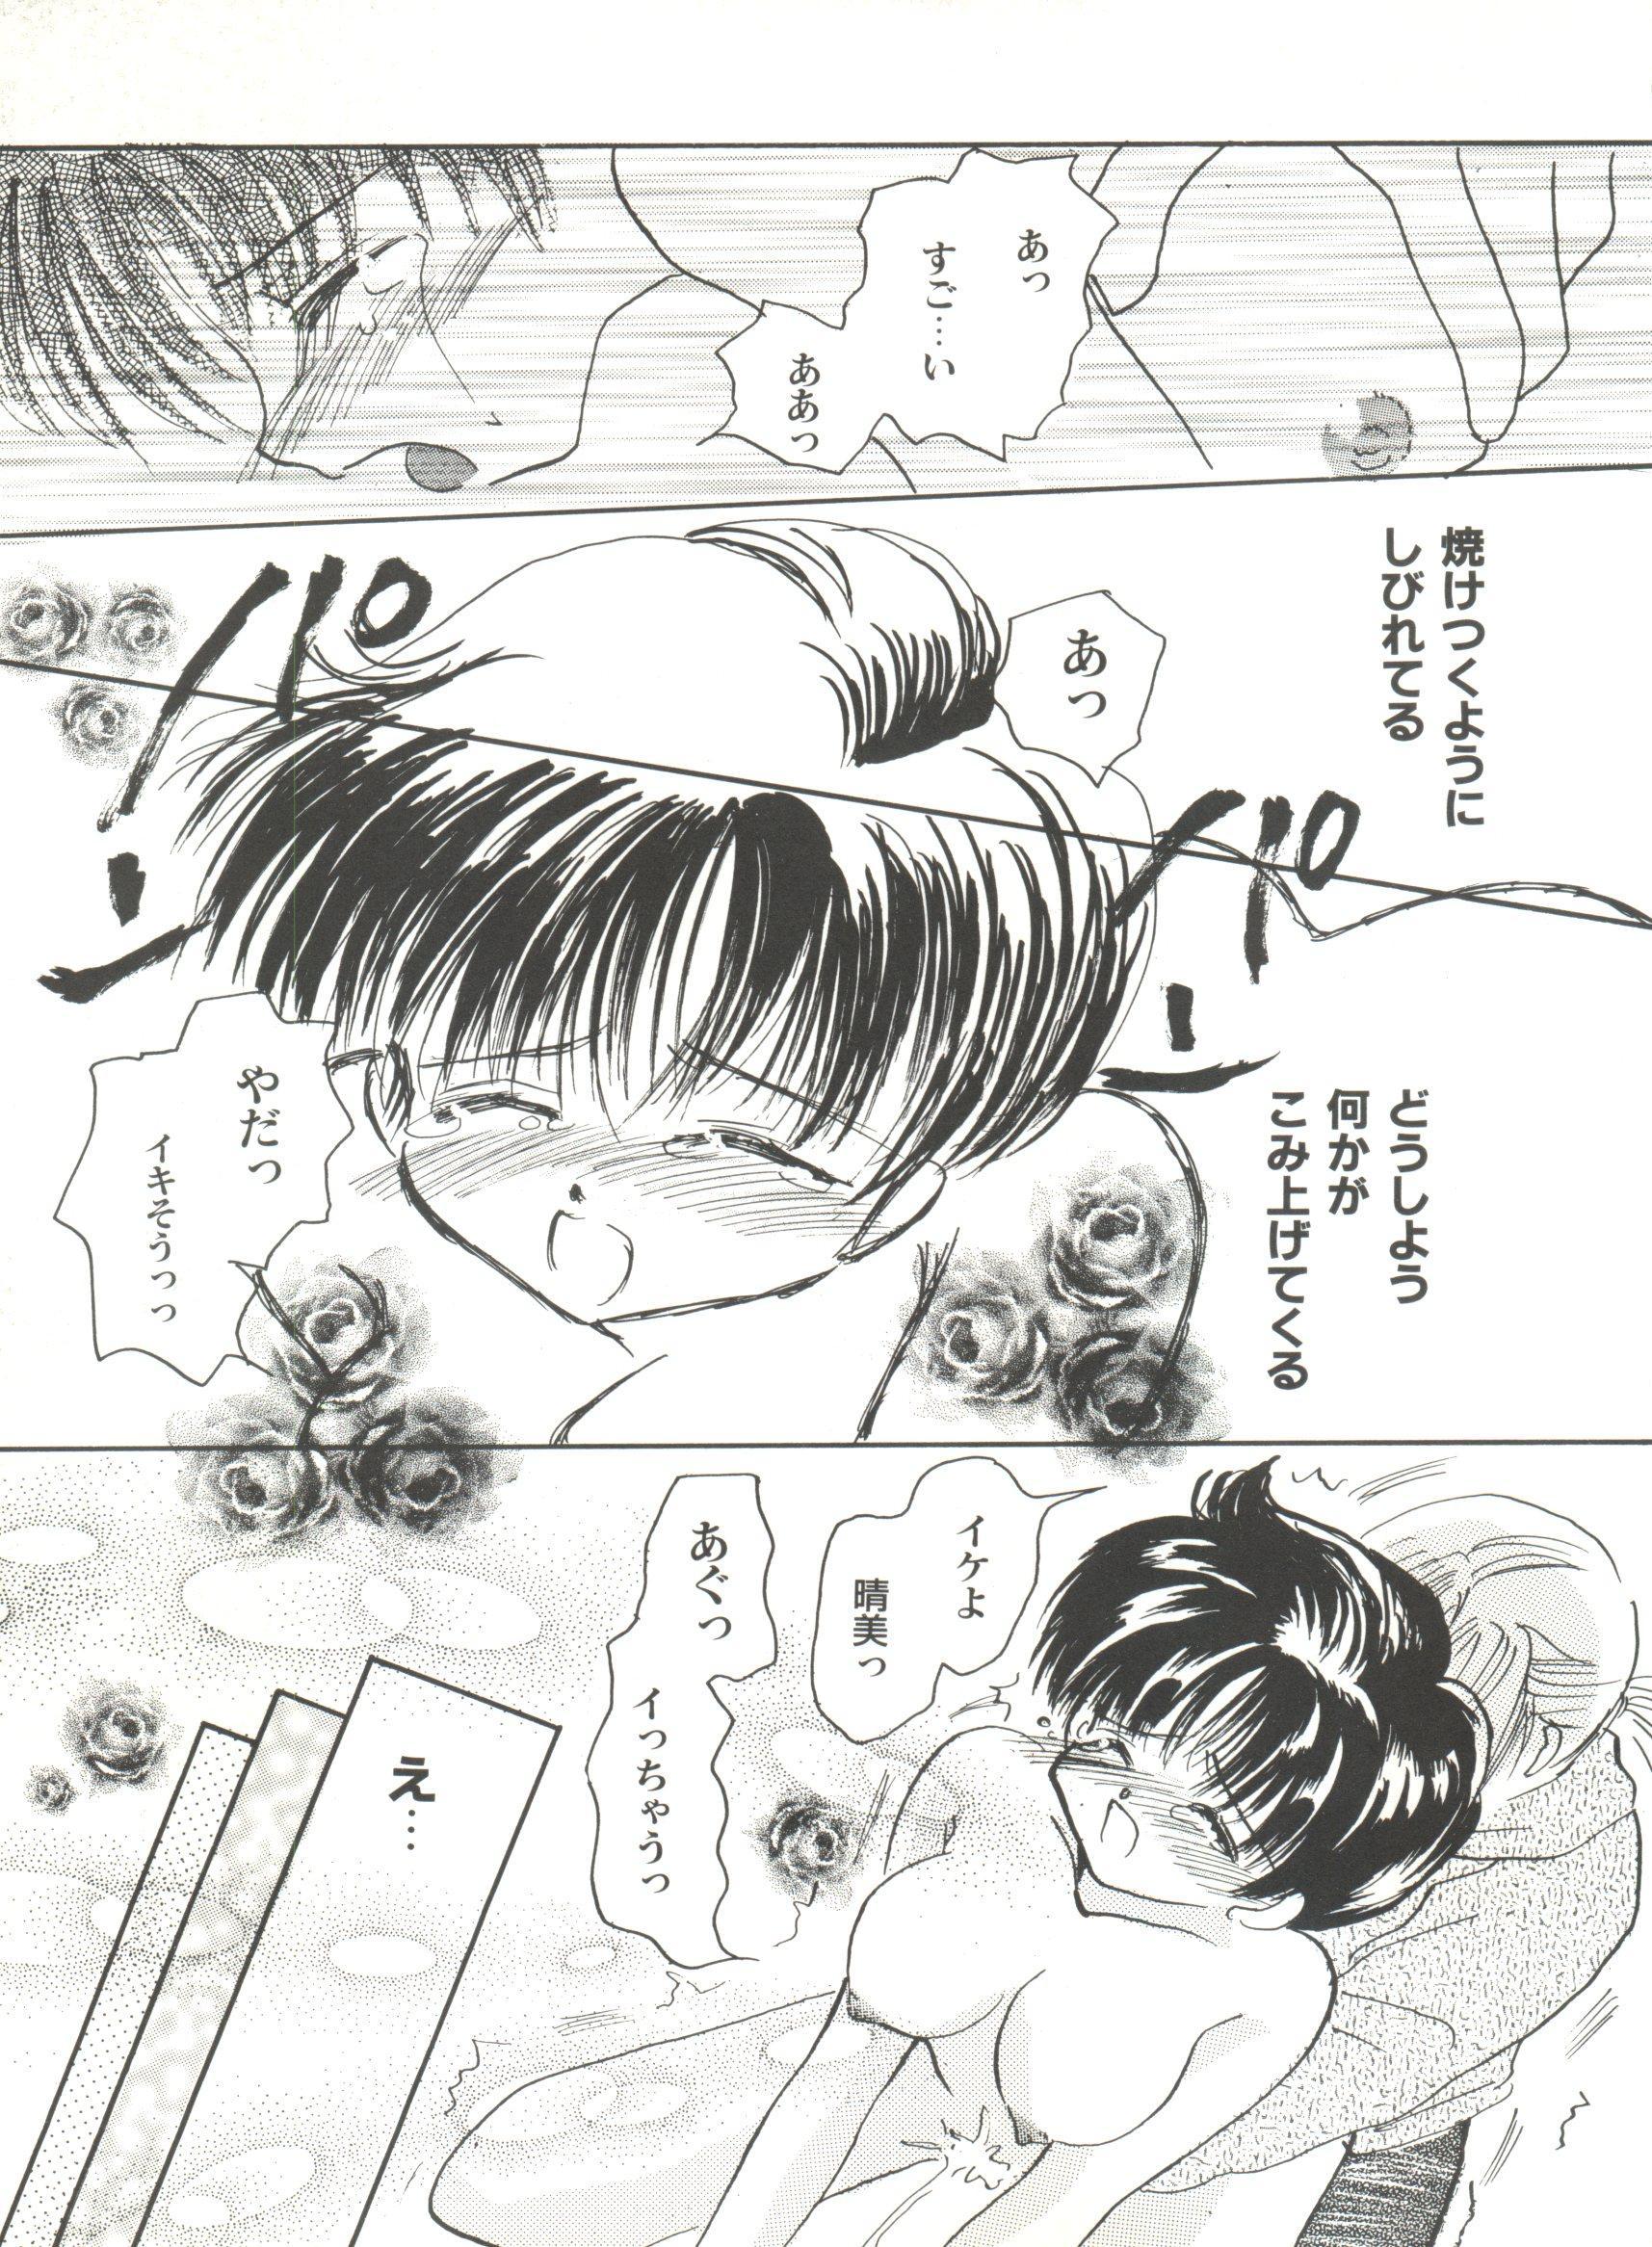 Bishoujo Doujinshi Anthology Cute 4 88